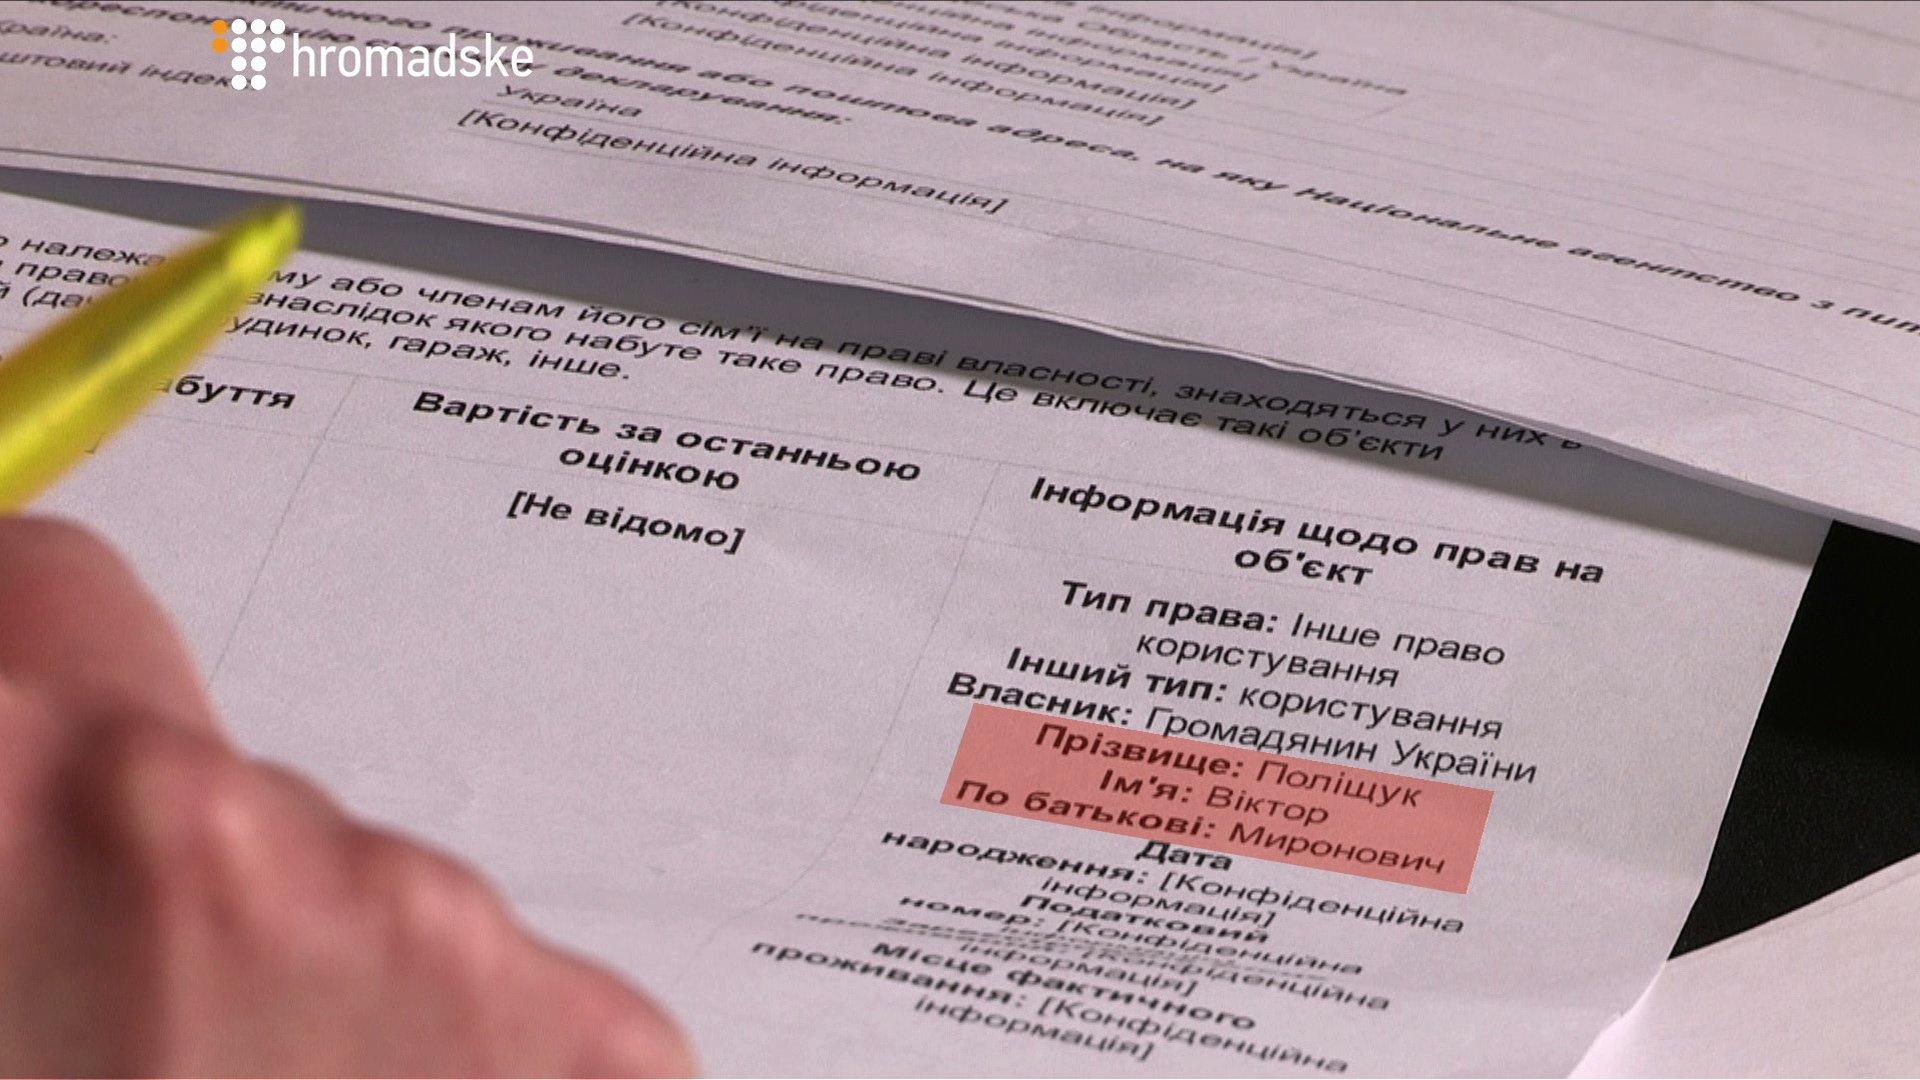 Севостьянова Наталья Илларионовна 6